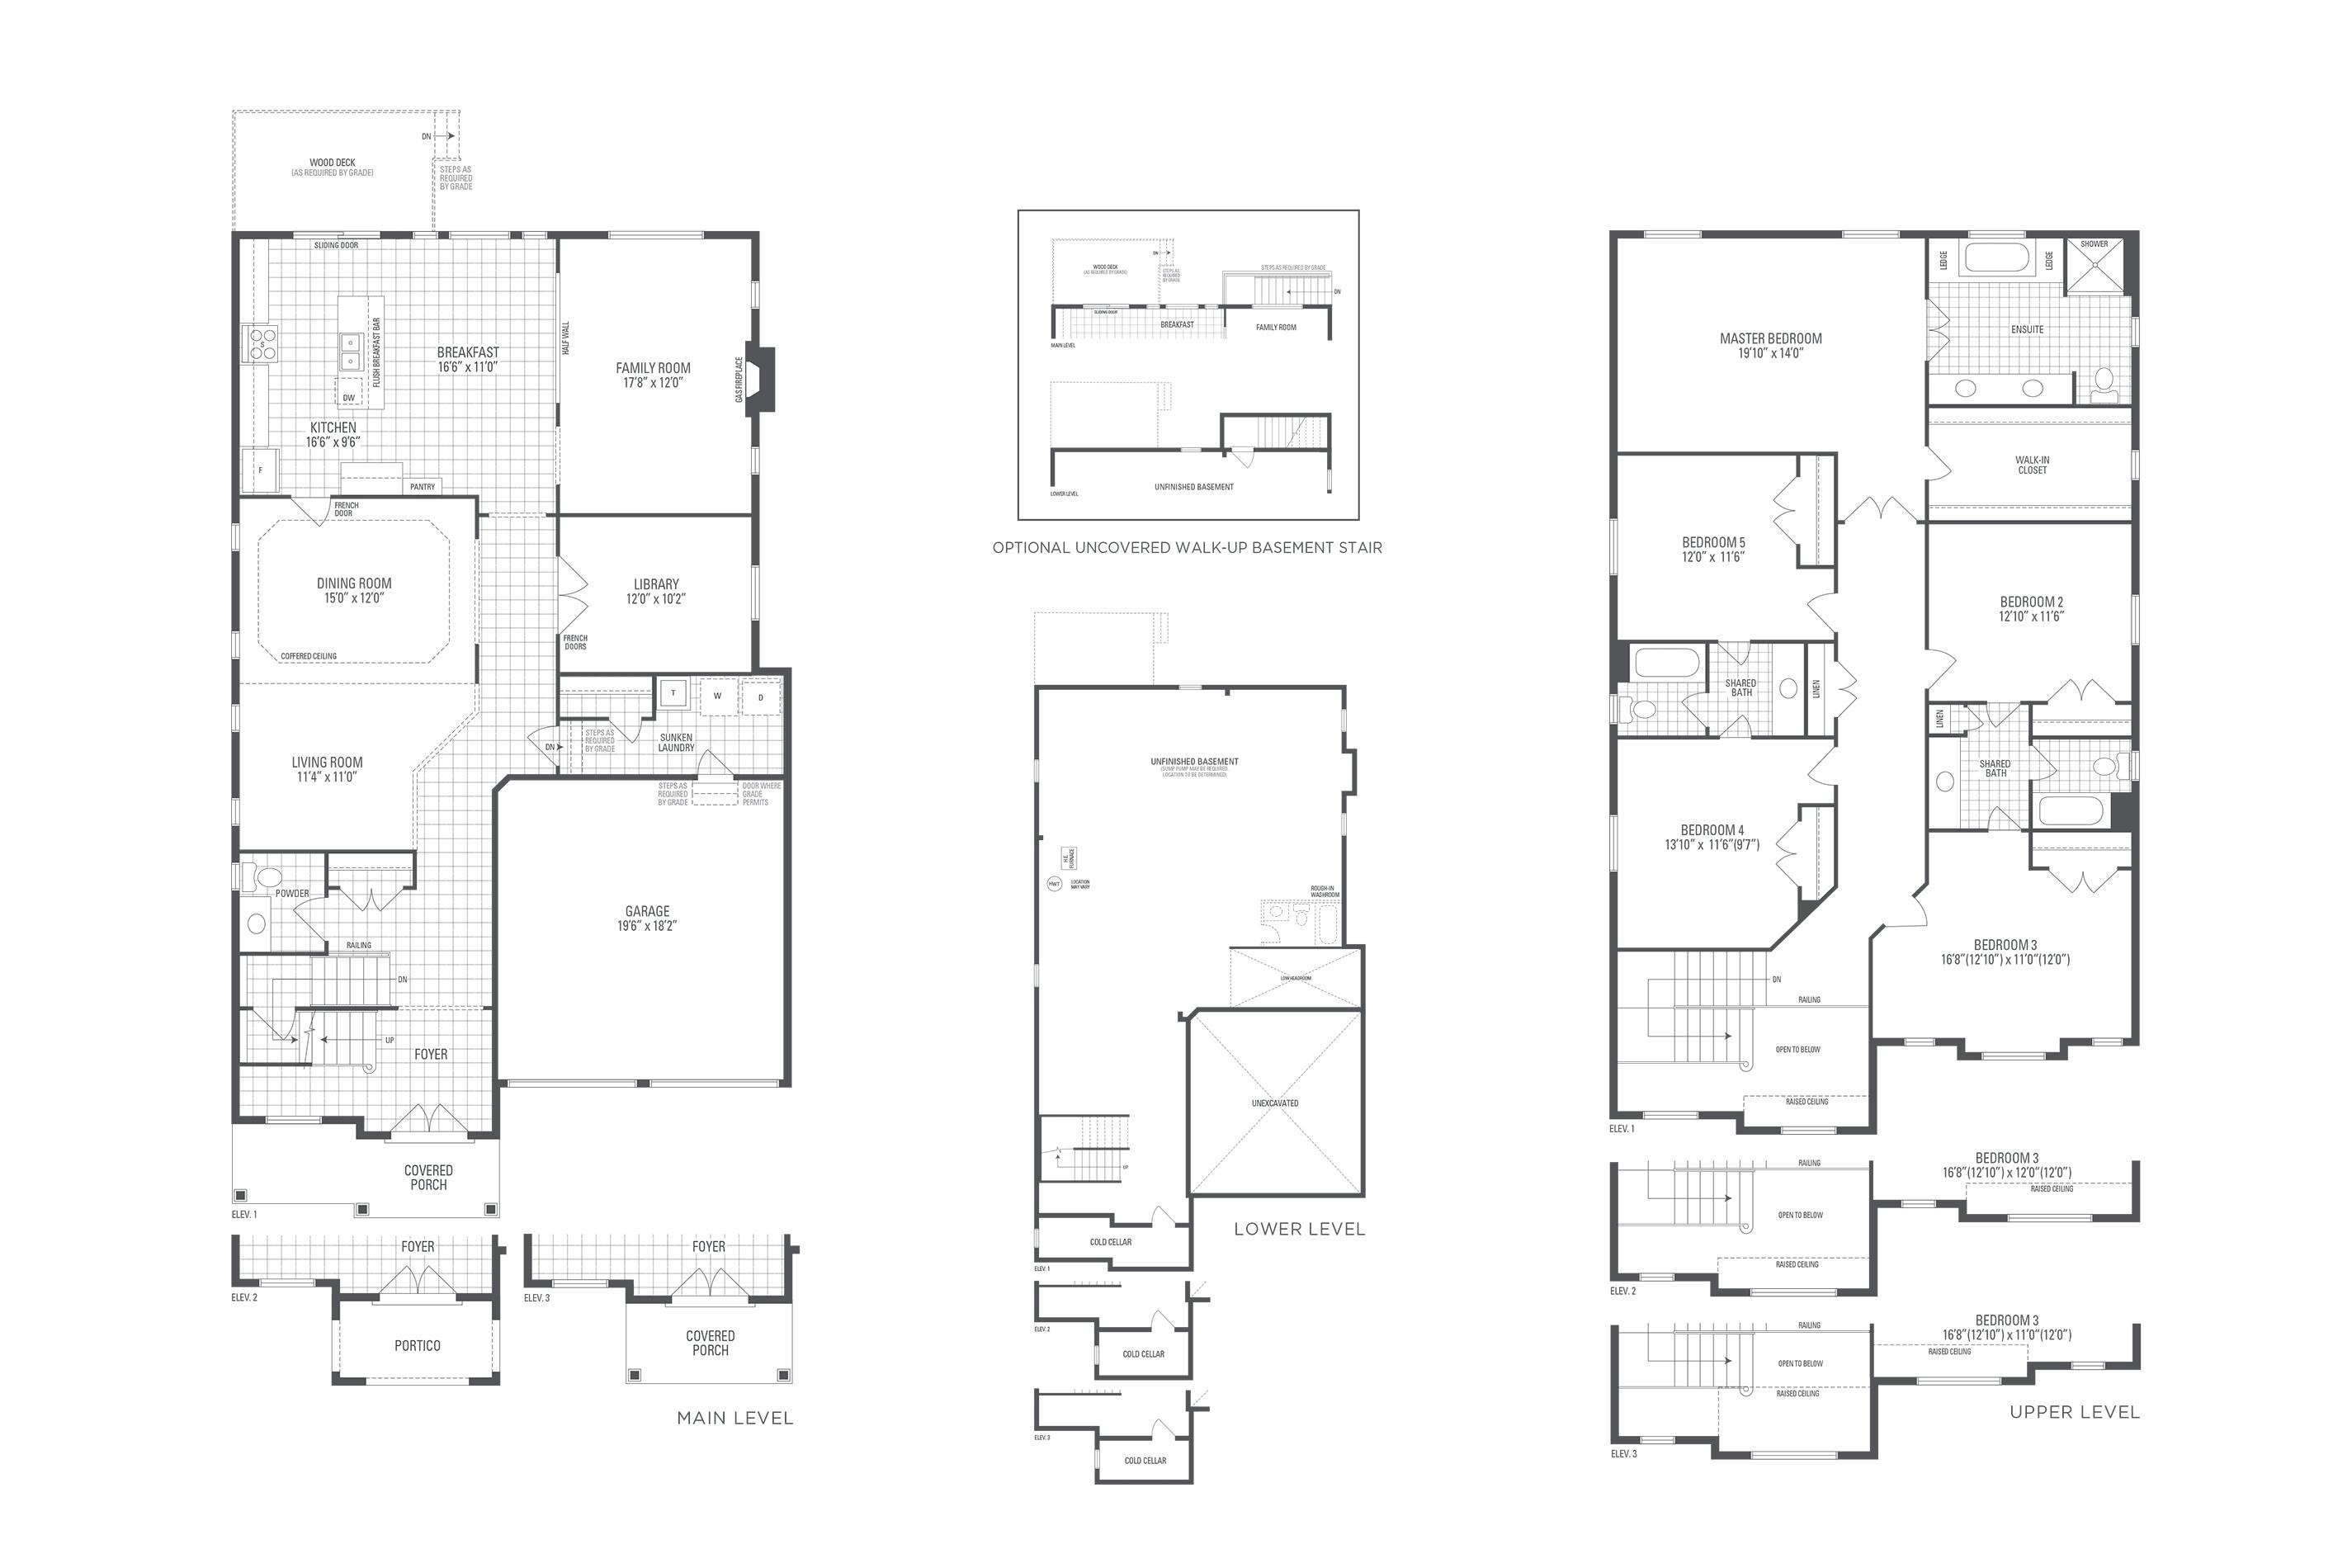 Spencer 04 Elev. 2 Floorplan